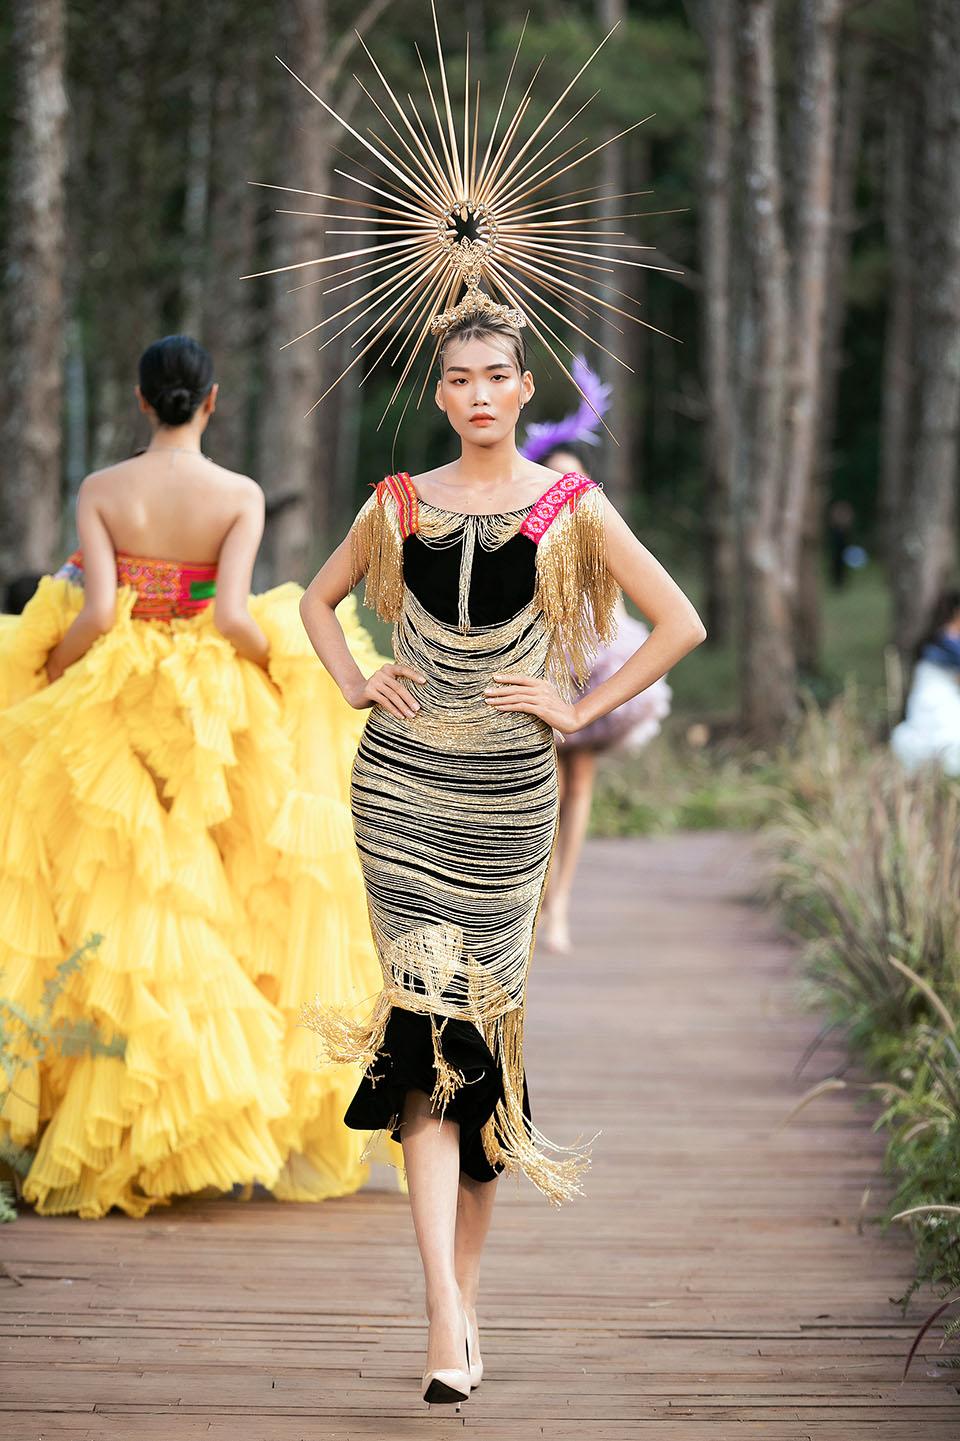 Hoàng Thuỳ làm vedette cho Lý Quí Khánh trong show diễn giữa rừng - 12